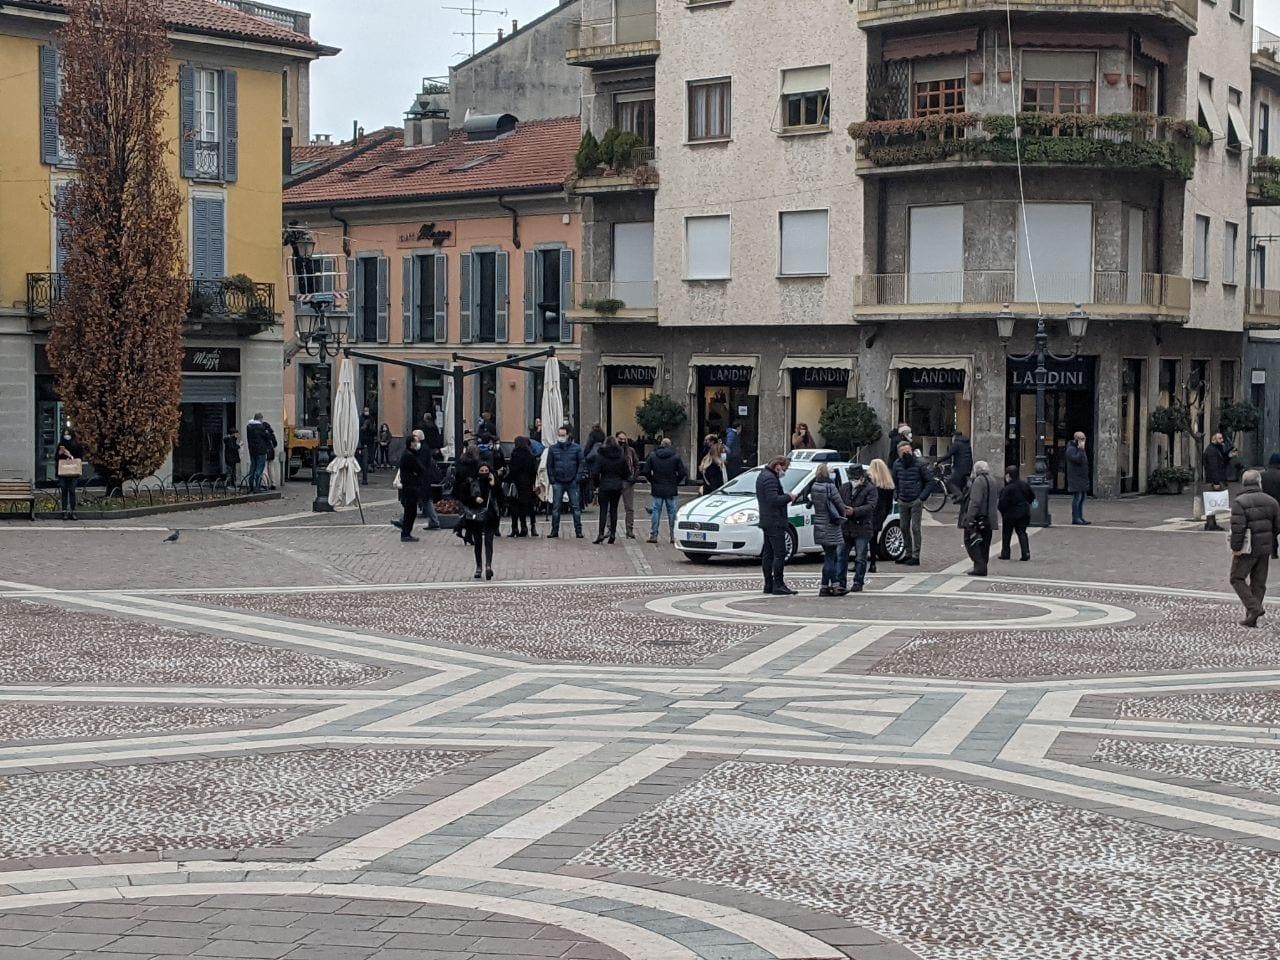 Covid, i contagi: domenica da Saronno a Gallarate, da Busto a Varese pochi  casi ovunque